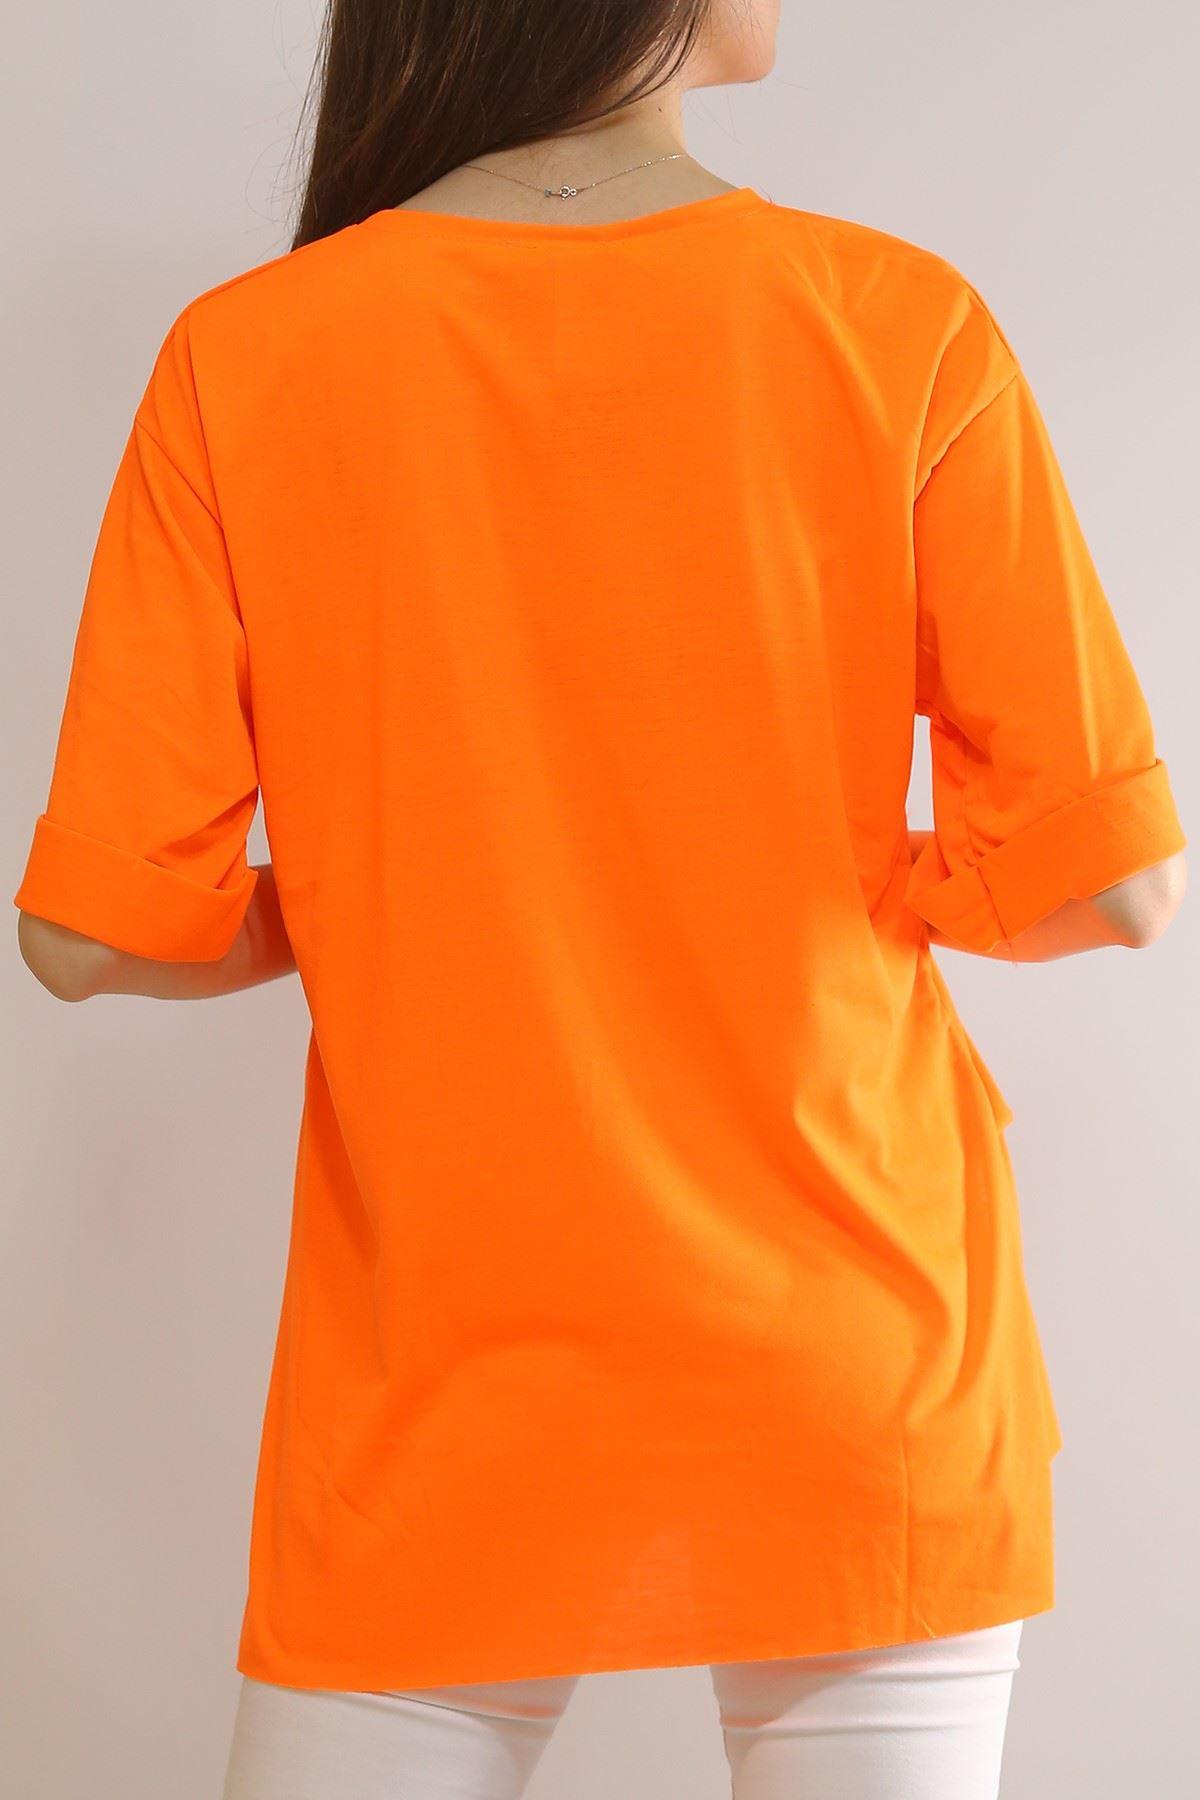 Duble Kol Tişört Oranj - 4994.336.